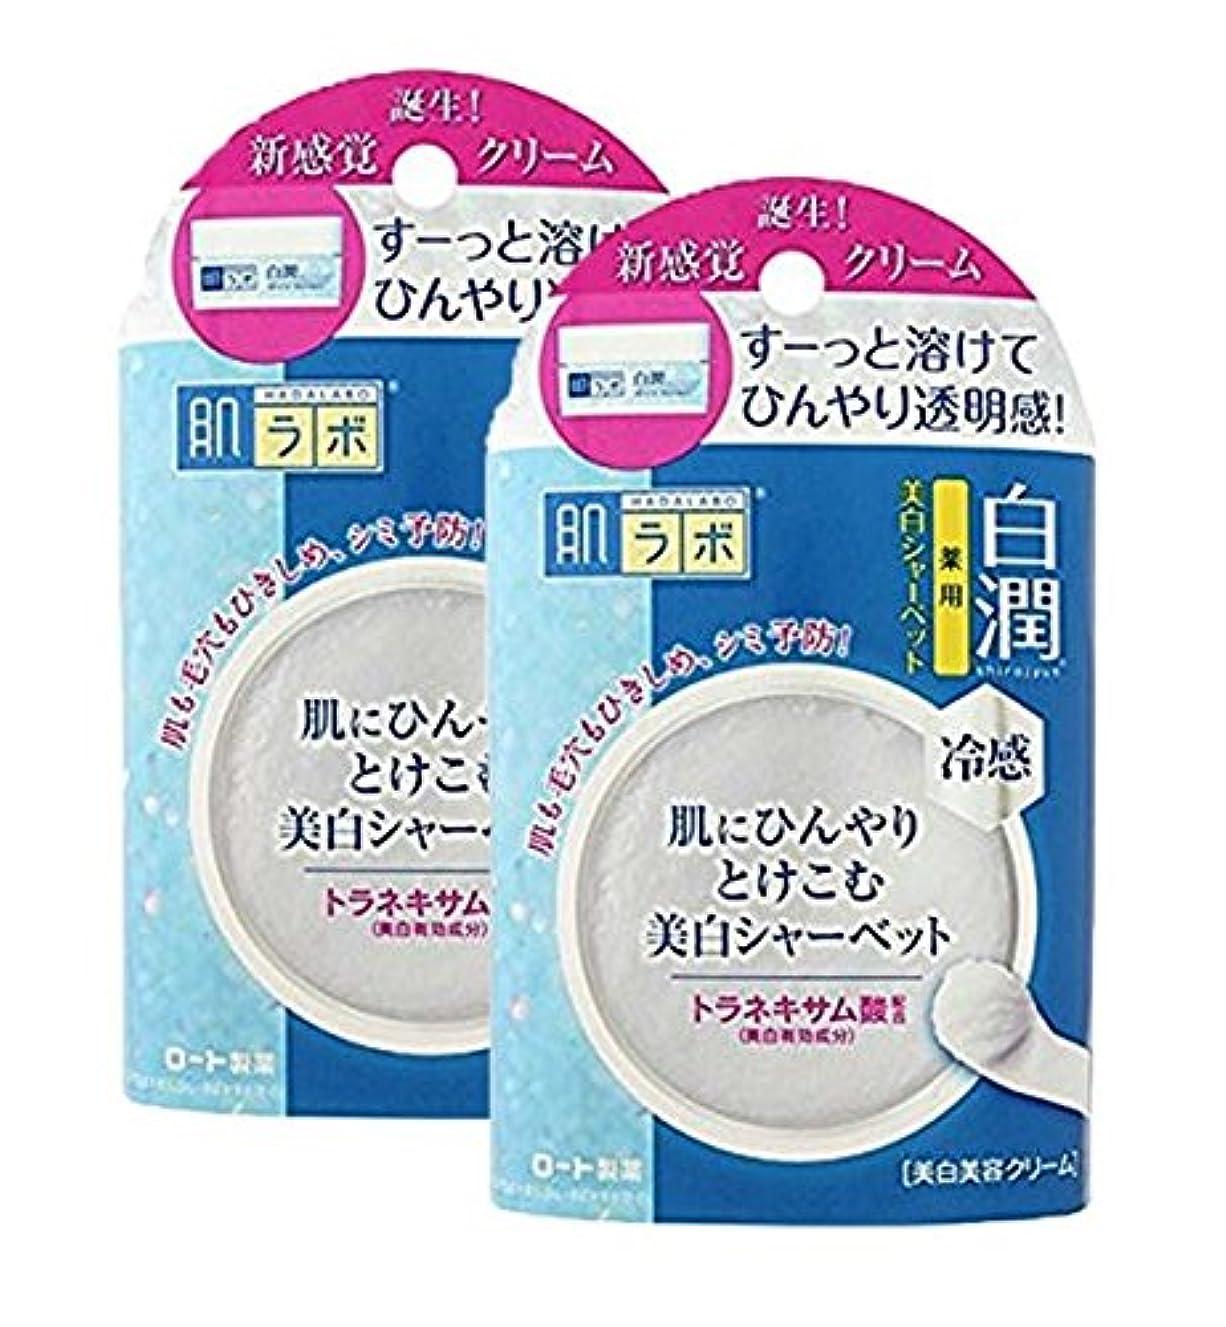 心理的に誤報酬の肌ラボ 白潤 冷感美白シャーベット30g (医薬部外品)×2